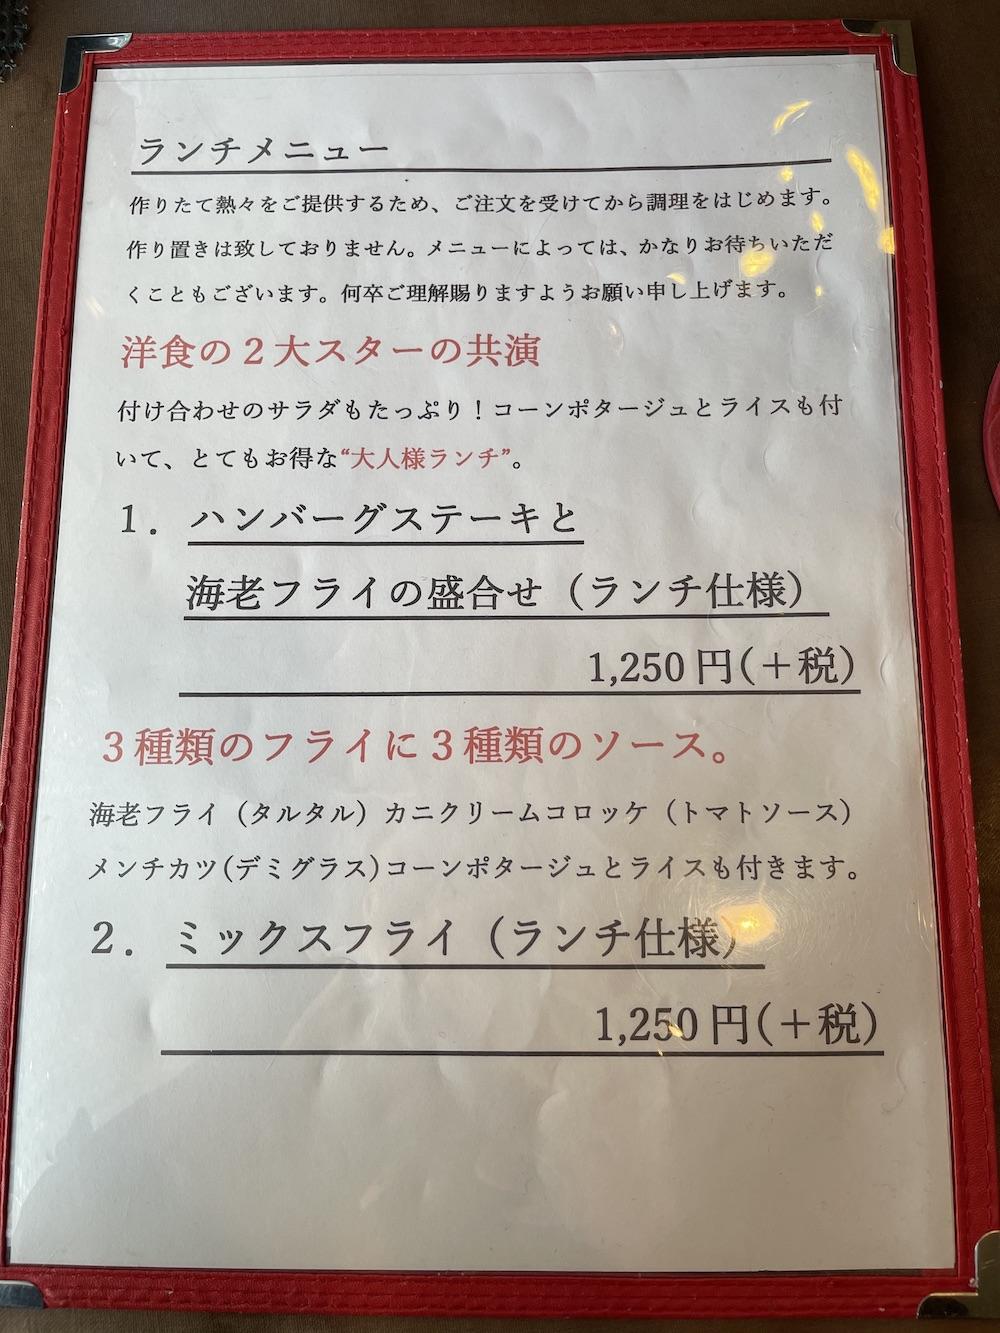 洋食工房ヒロランチメニュー ハンバーグステーキとエビフライの盛り合わせ/ミックスフライ